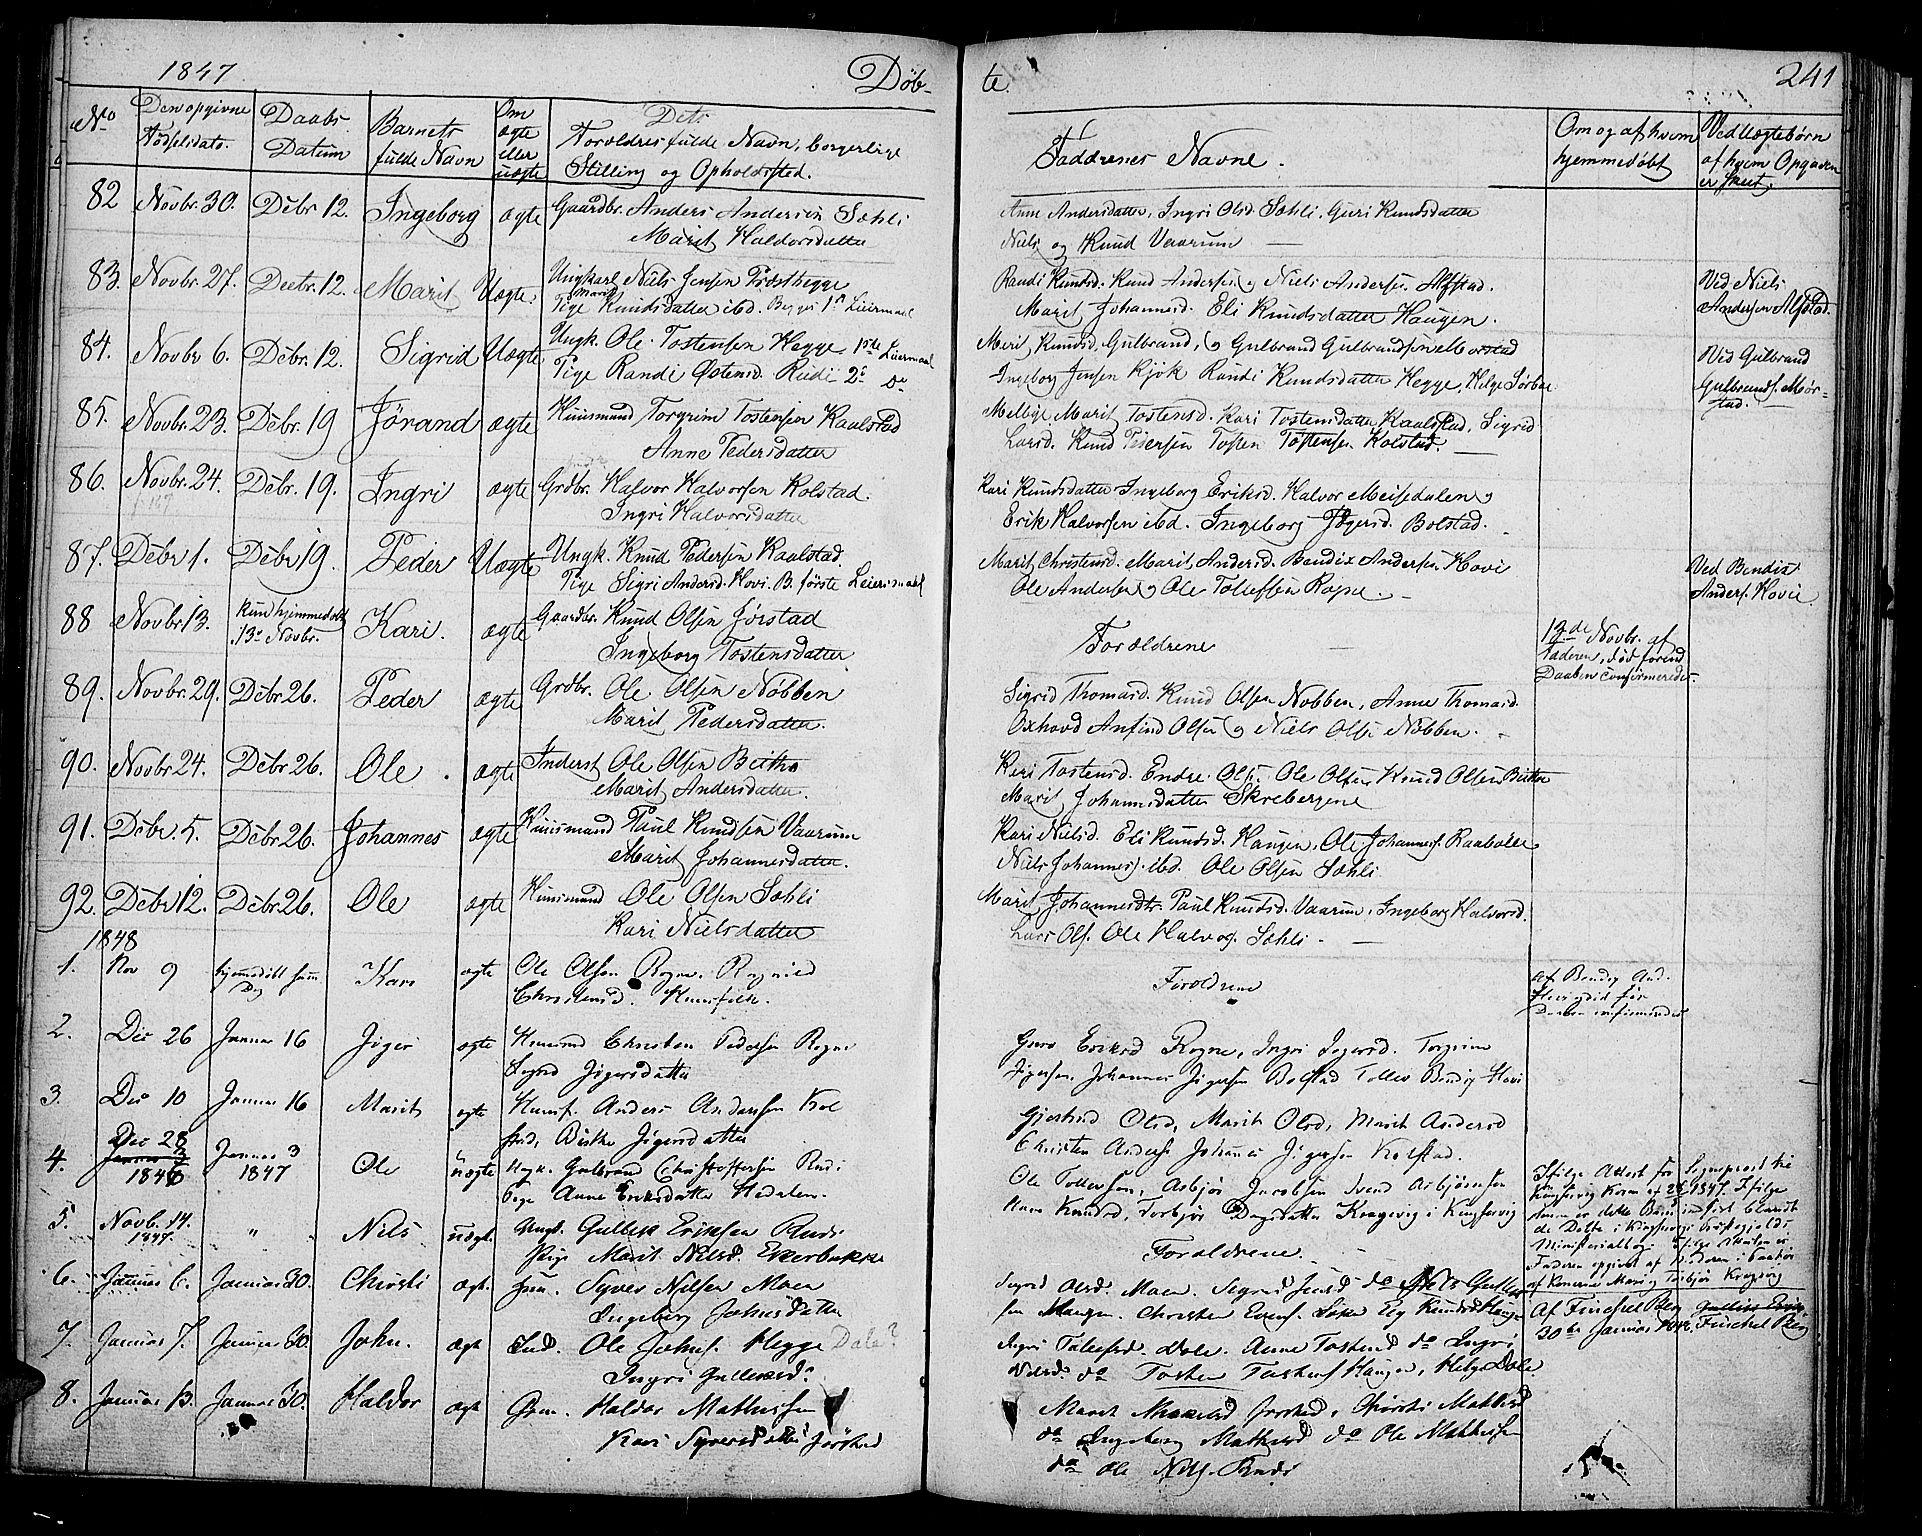 SAH, Slidre prestekontor, Ministerialbok nr. 4, 1831-1848, s. 241